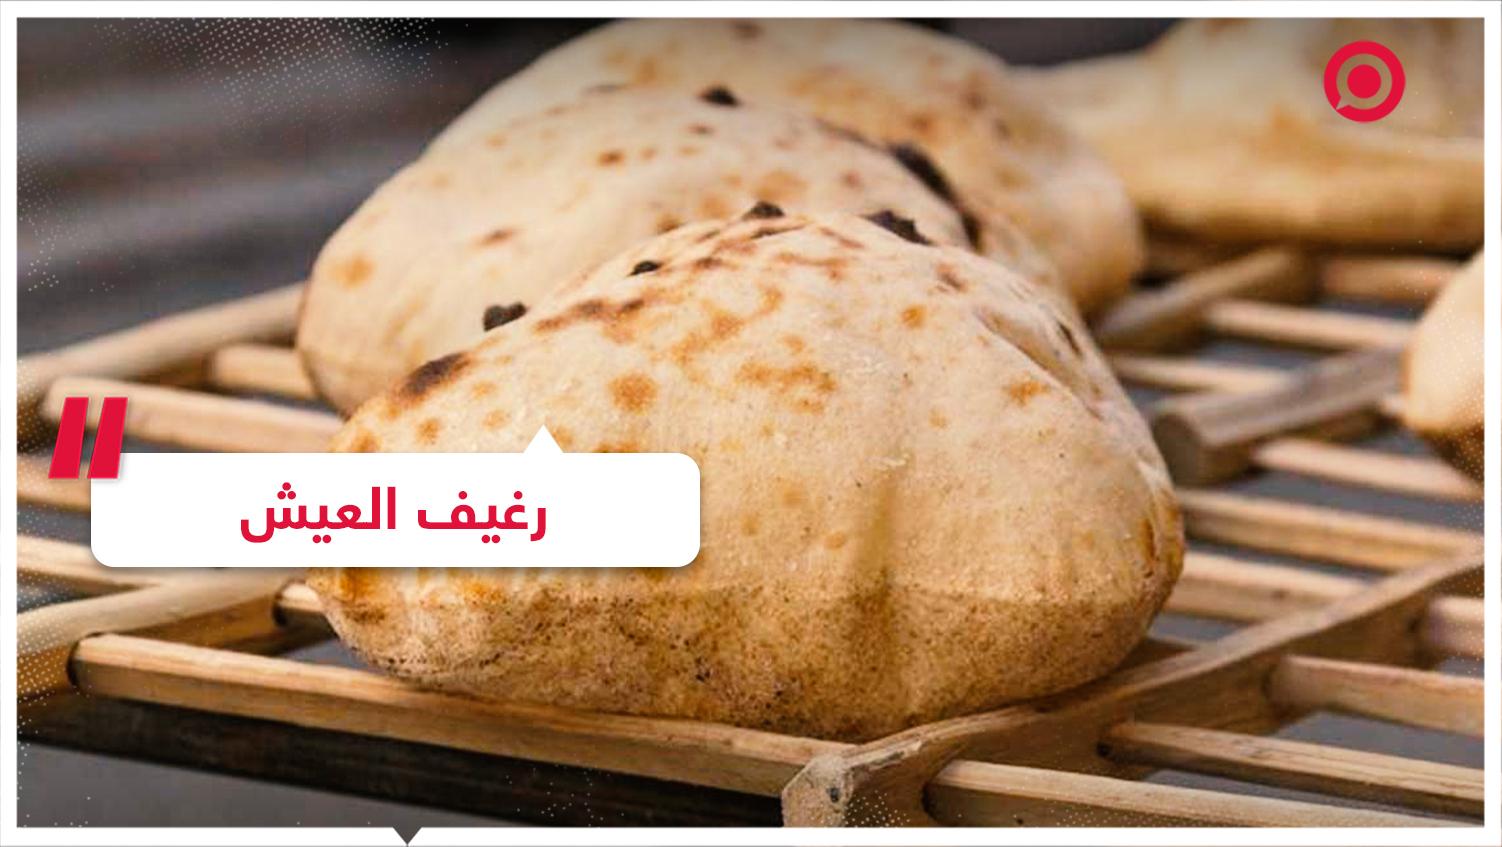 السيسي - مصر - إلا_رغيف_العيش